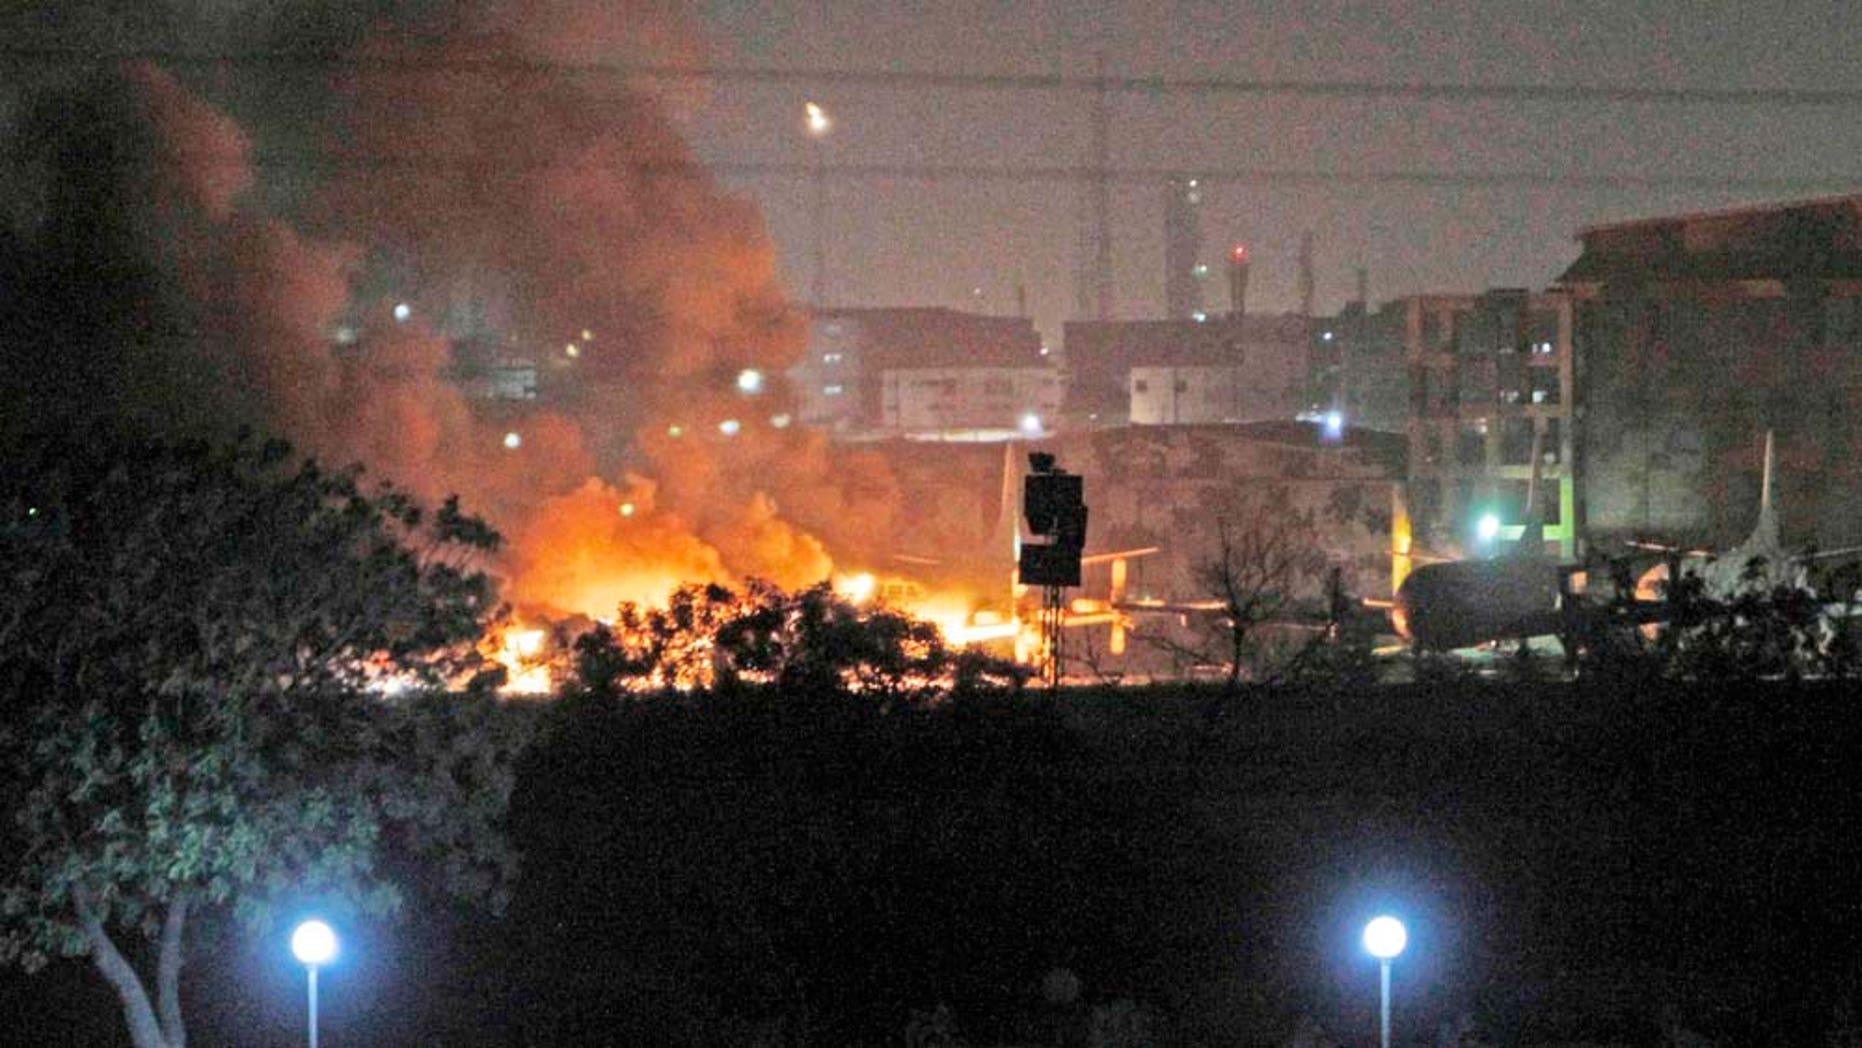 Humo y llamas se elevan desde una base de aviación naval  después de un ataque de milicianos en Karachi, Pakistán el domingo 22 de mayor del 2011. Al menos seis marinos y un paramilitar fueron muertos y 14 heridos en el enfrentamiento en la Estación Naval de Mehran que se prolongó más de cuatro horas, dijo el vocero de la Armada paquistaní, Irfan ul Haq. (Foto AP/Shakil Adil)